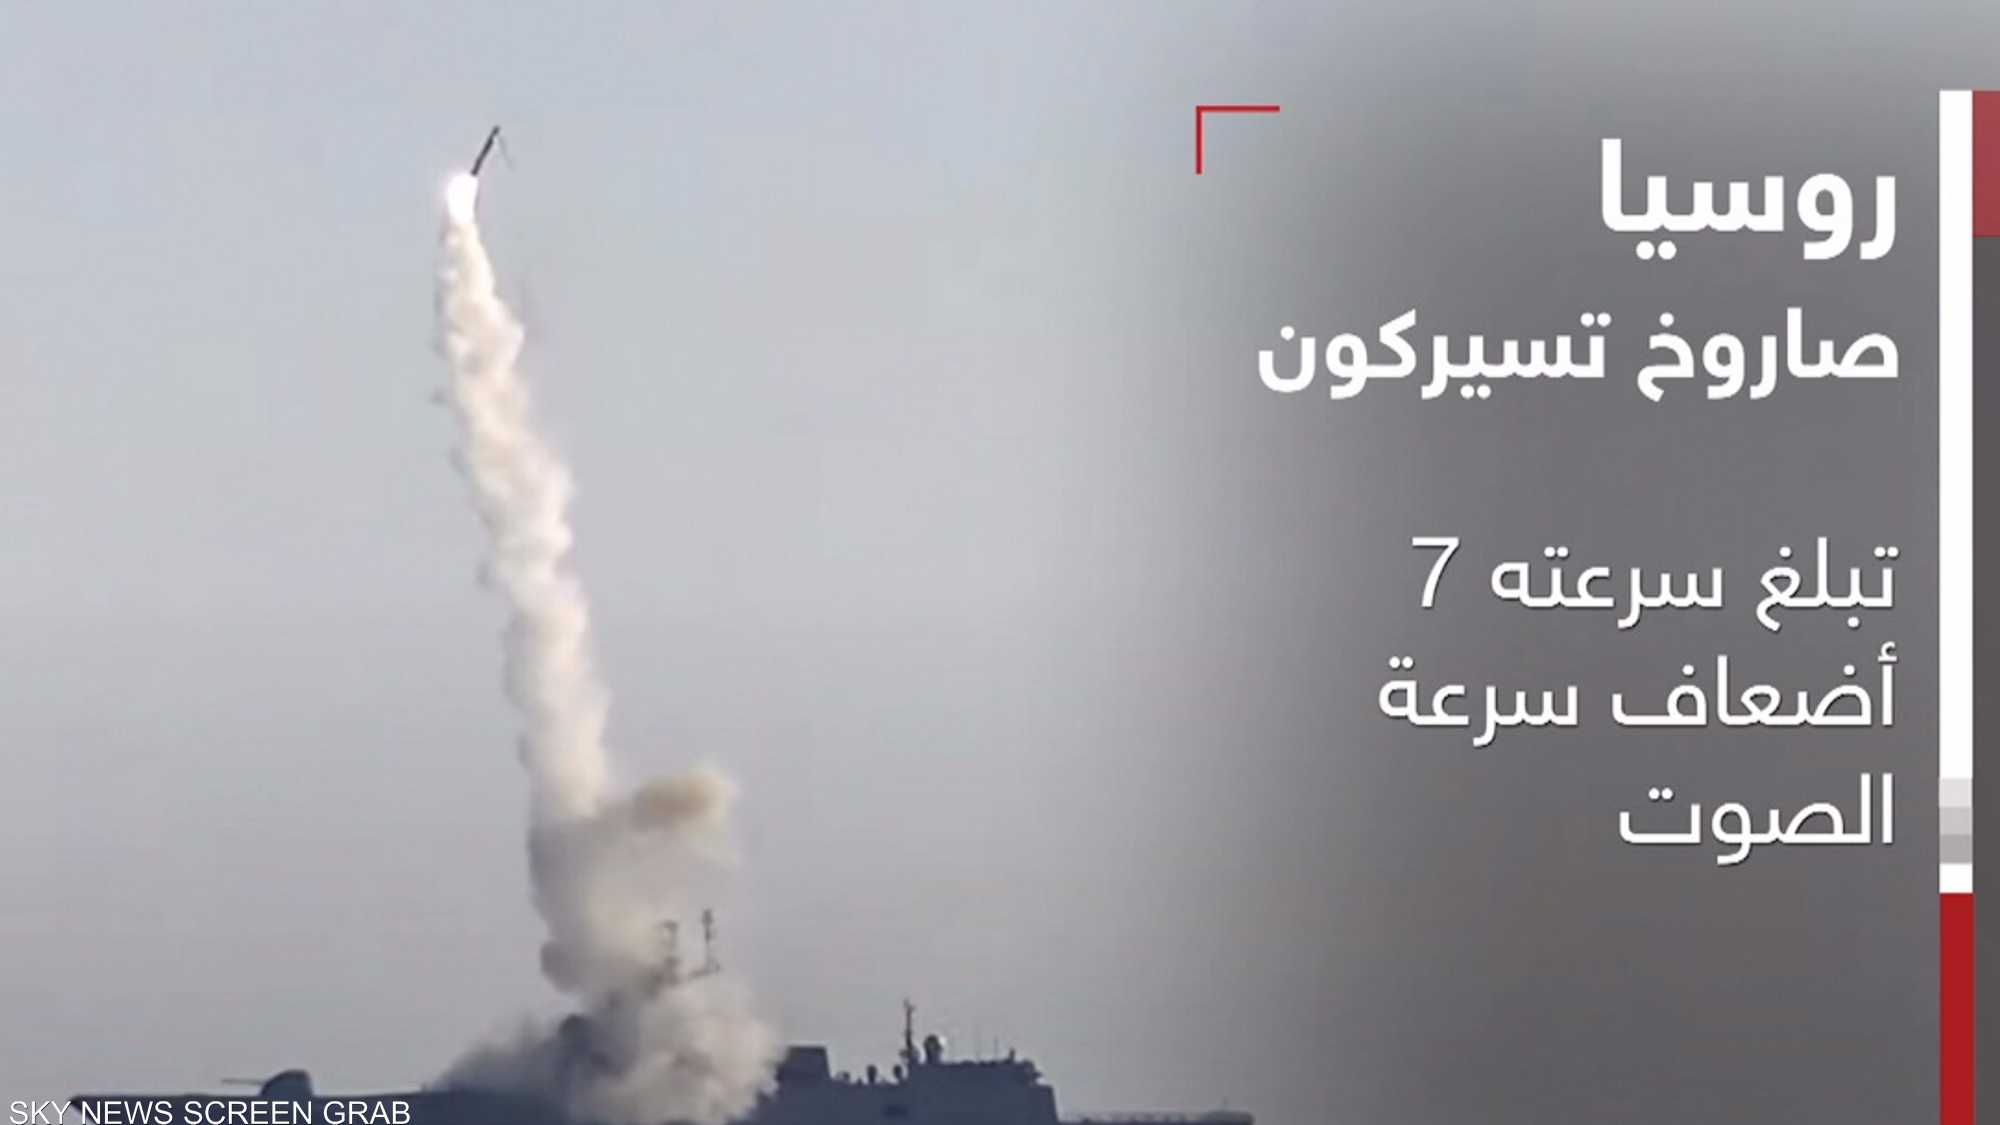 روسيا تطلق صاروخا أسرع من سرعة الصوت